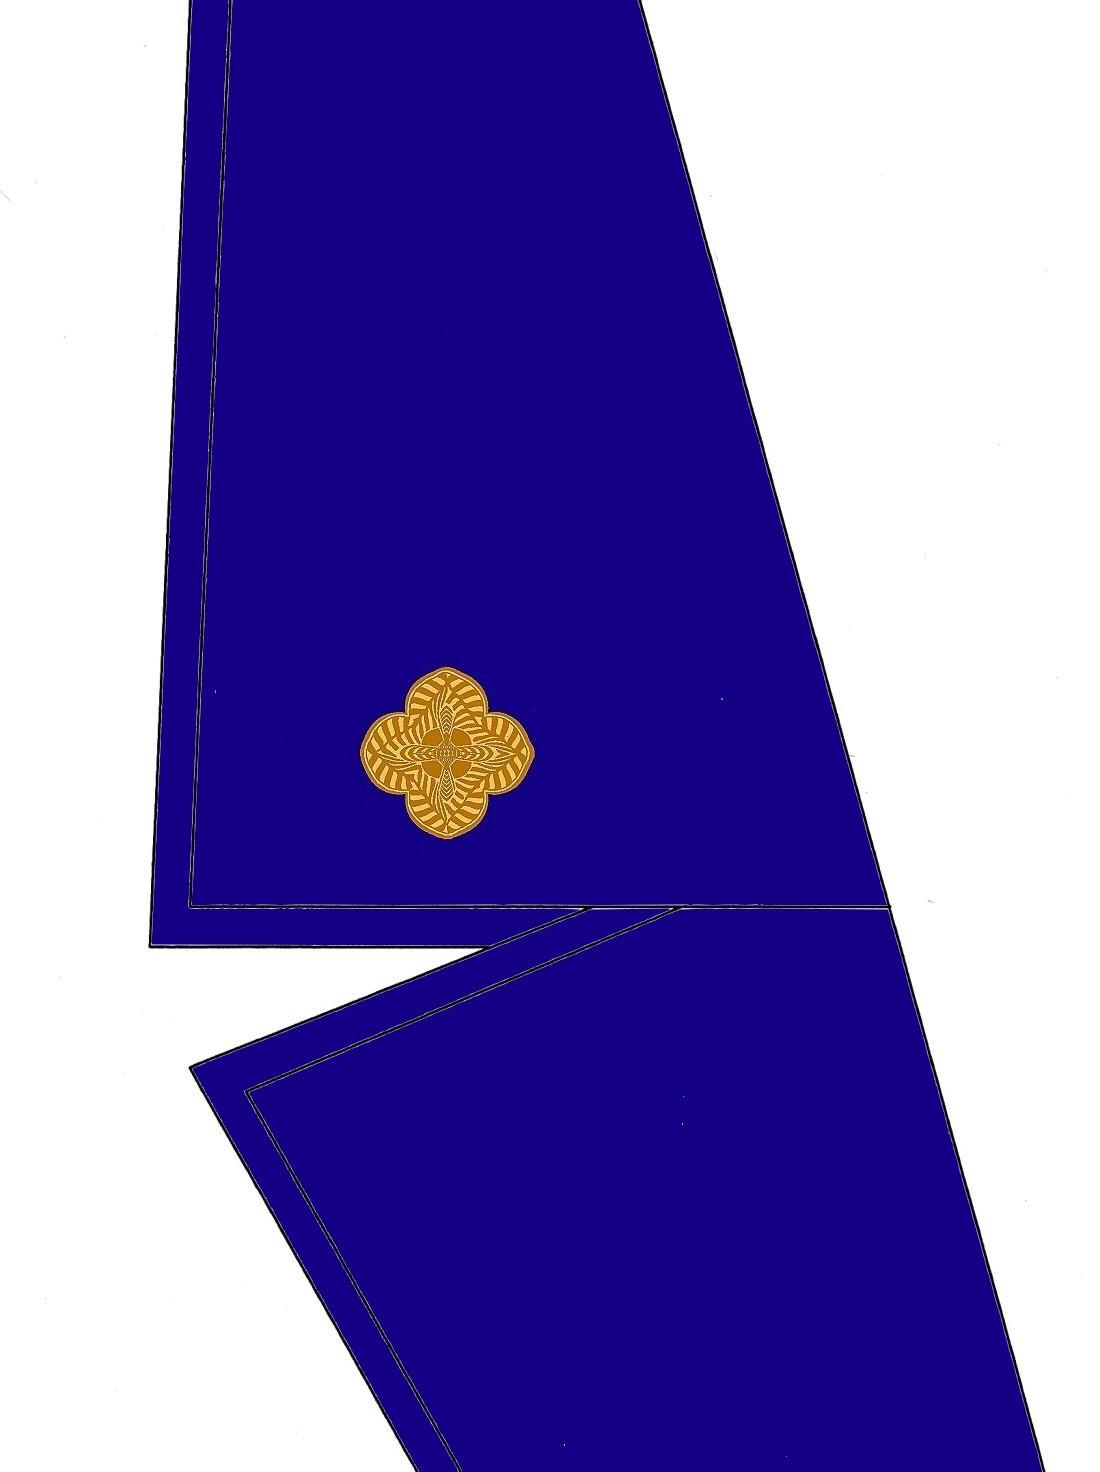 12-kragen-rangabzeichen-leutnant-hg-blau